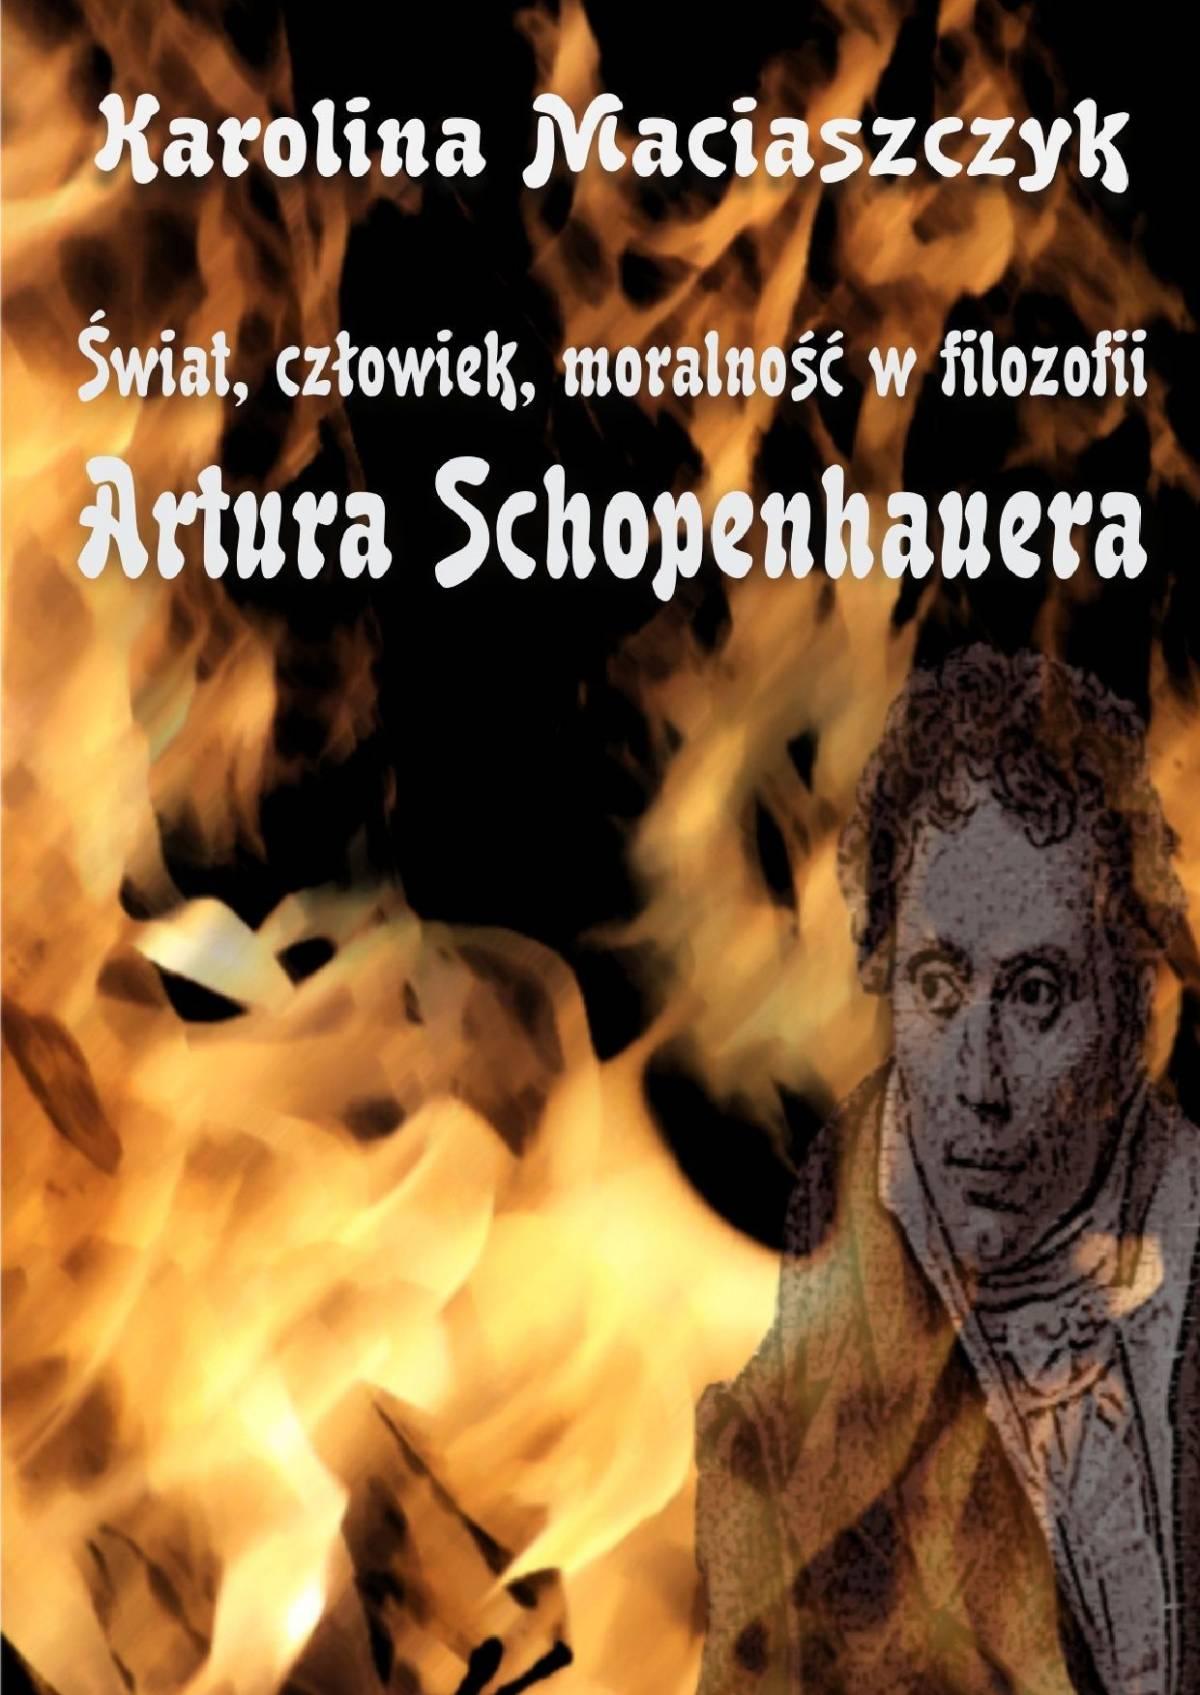 Świat, człowiek, moralność w filozofii Artura Schopenhauera - Ebook (Książka PDF) do pobrania w formacie PDF